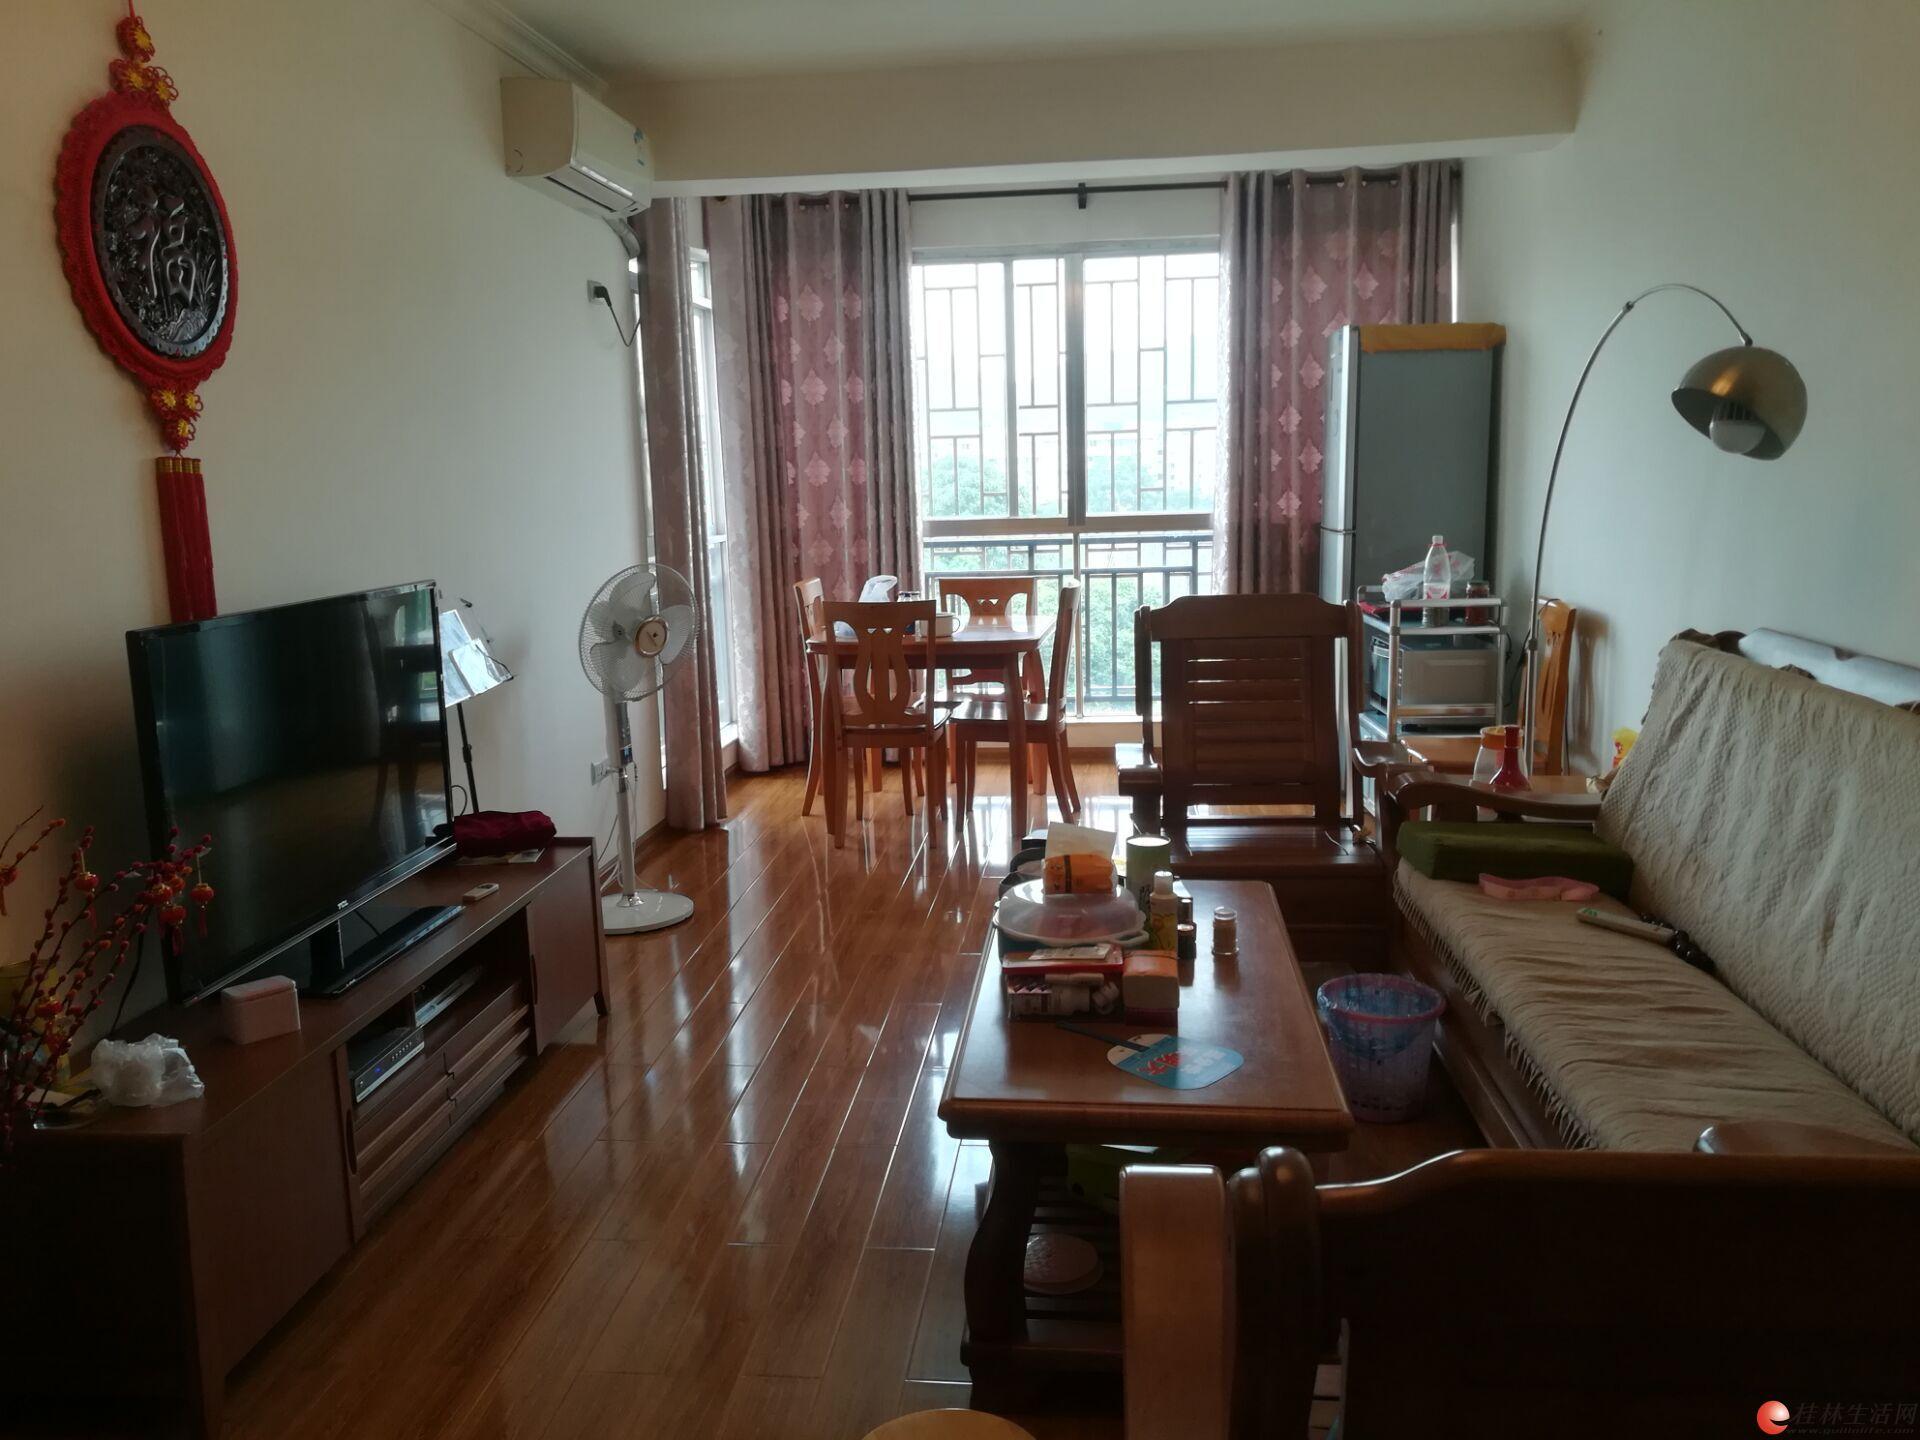 【复式楼】好房子 橘子公社精装复式3房2厅2卫122平米仅68万